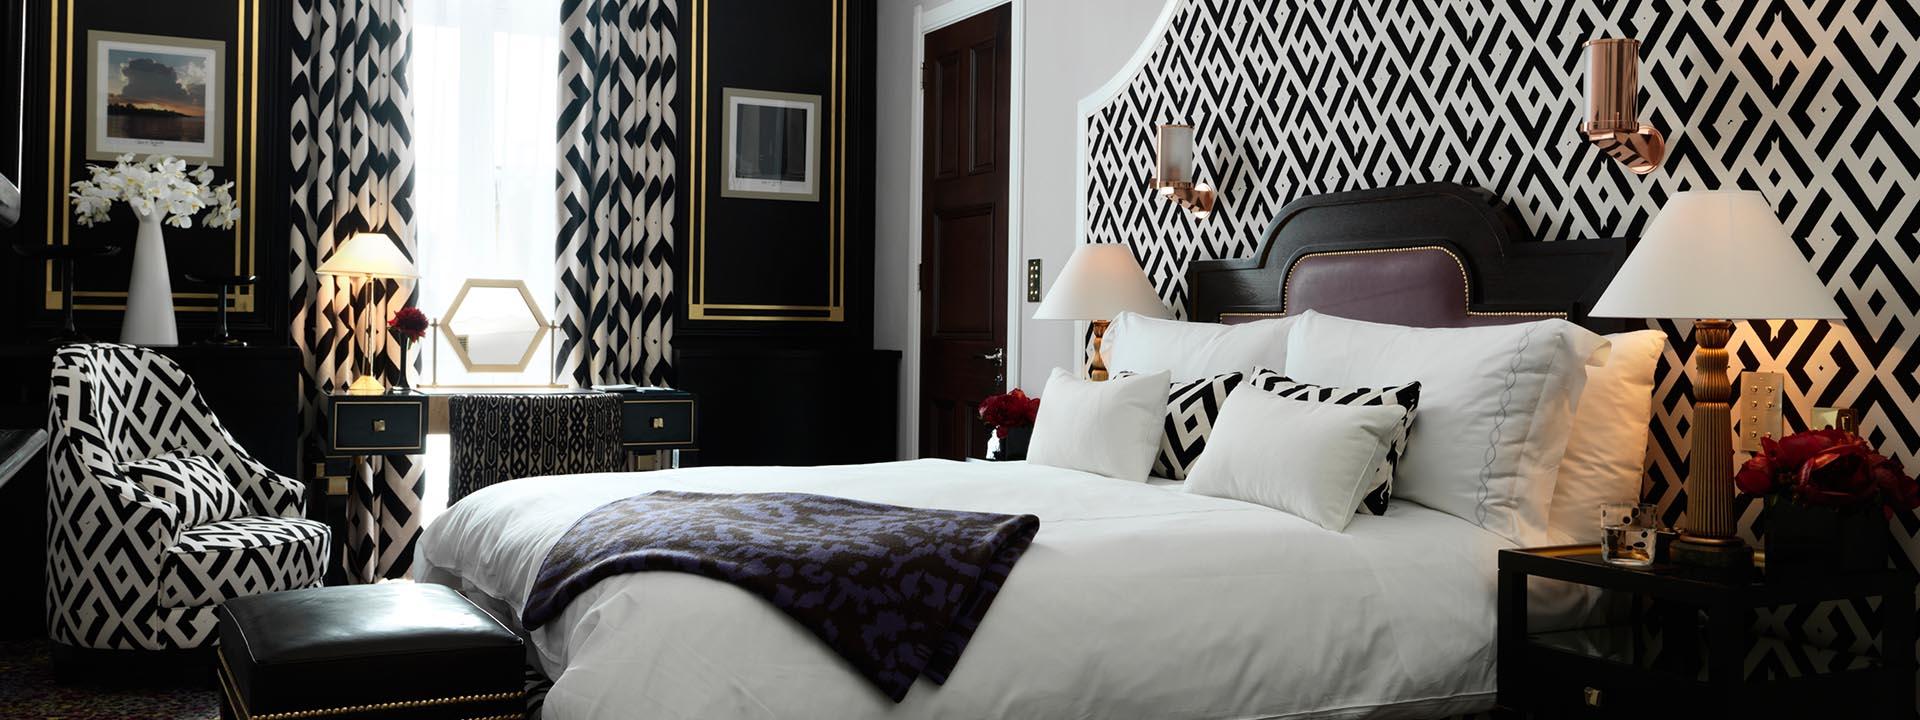 Quarto da suite Grand Piano em hotel de luxo